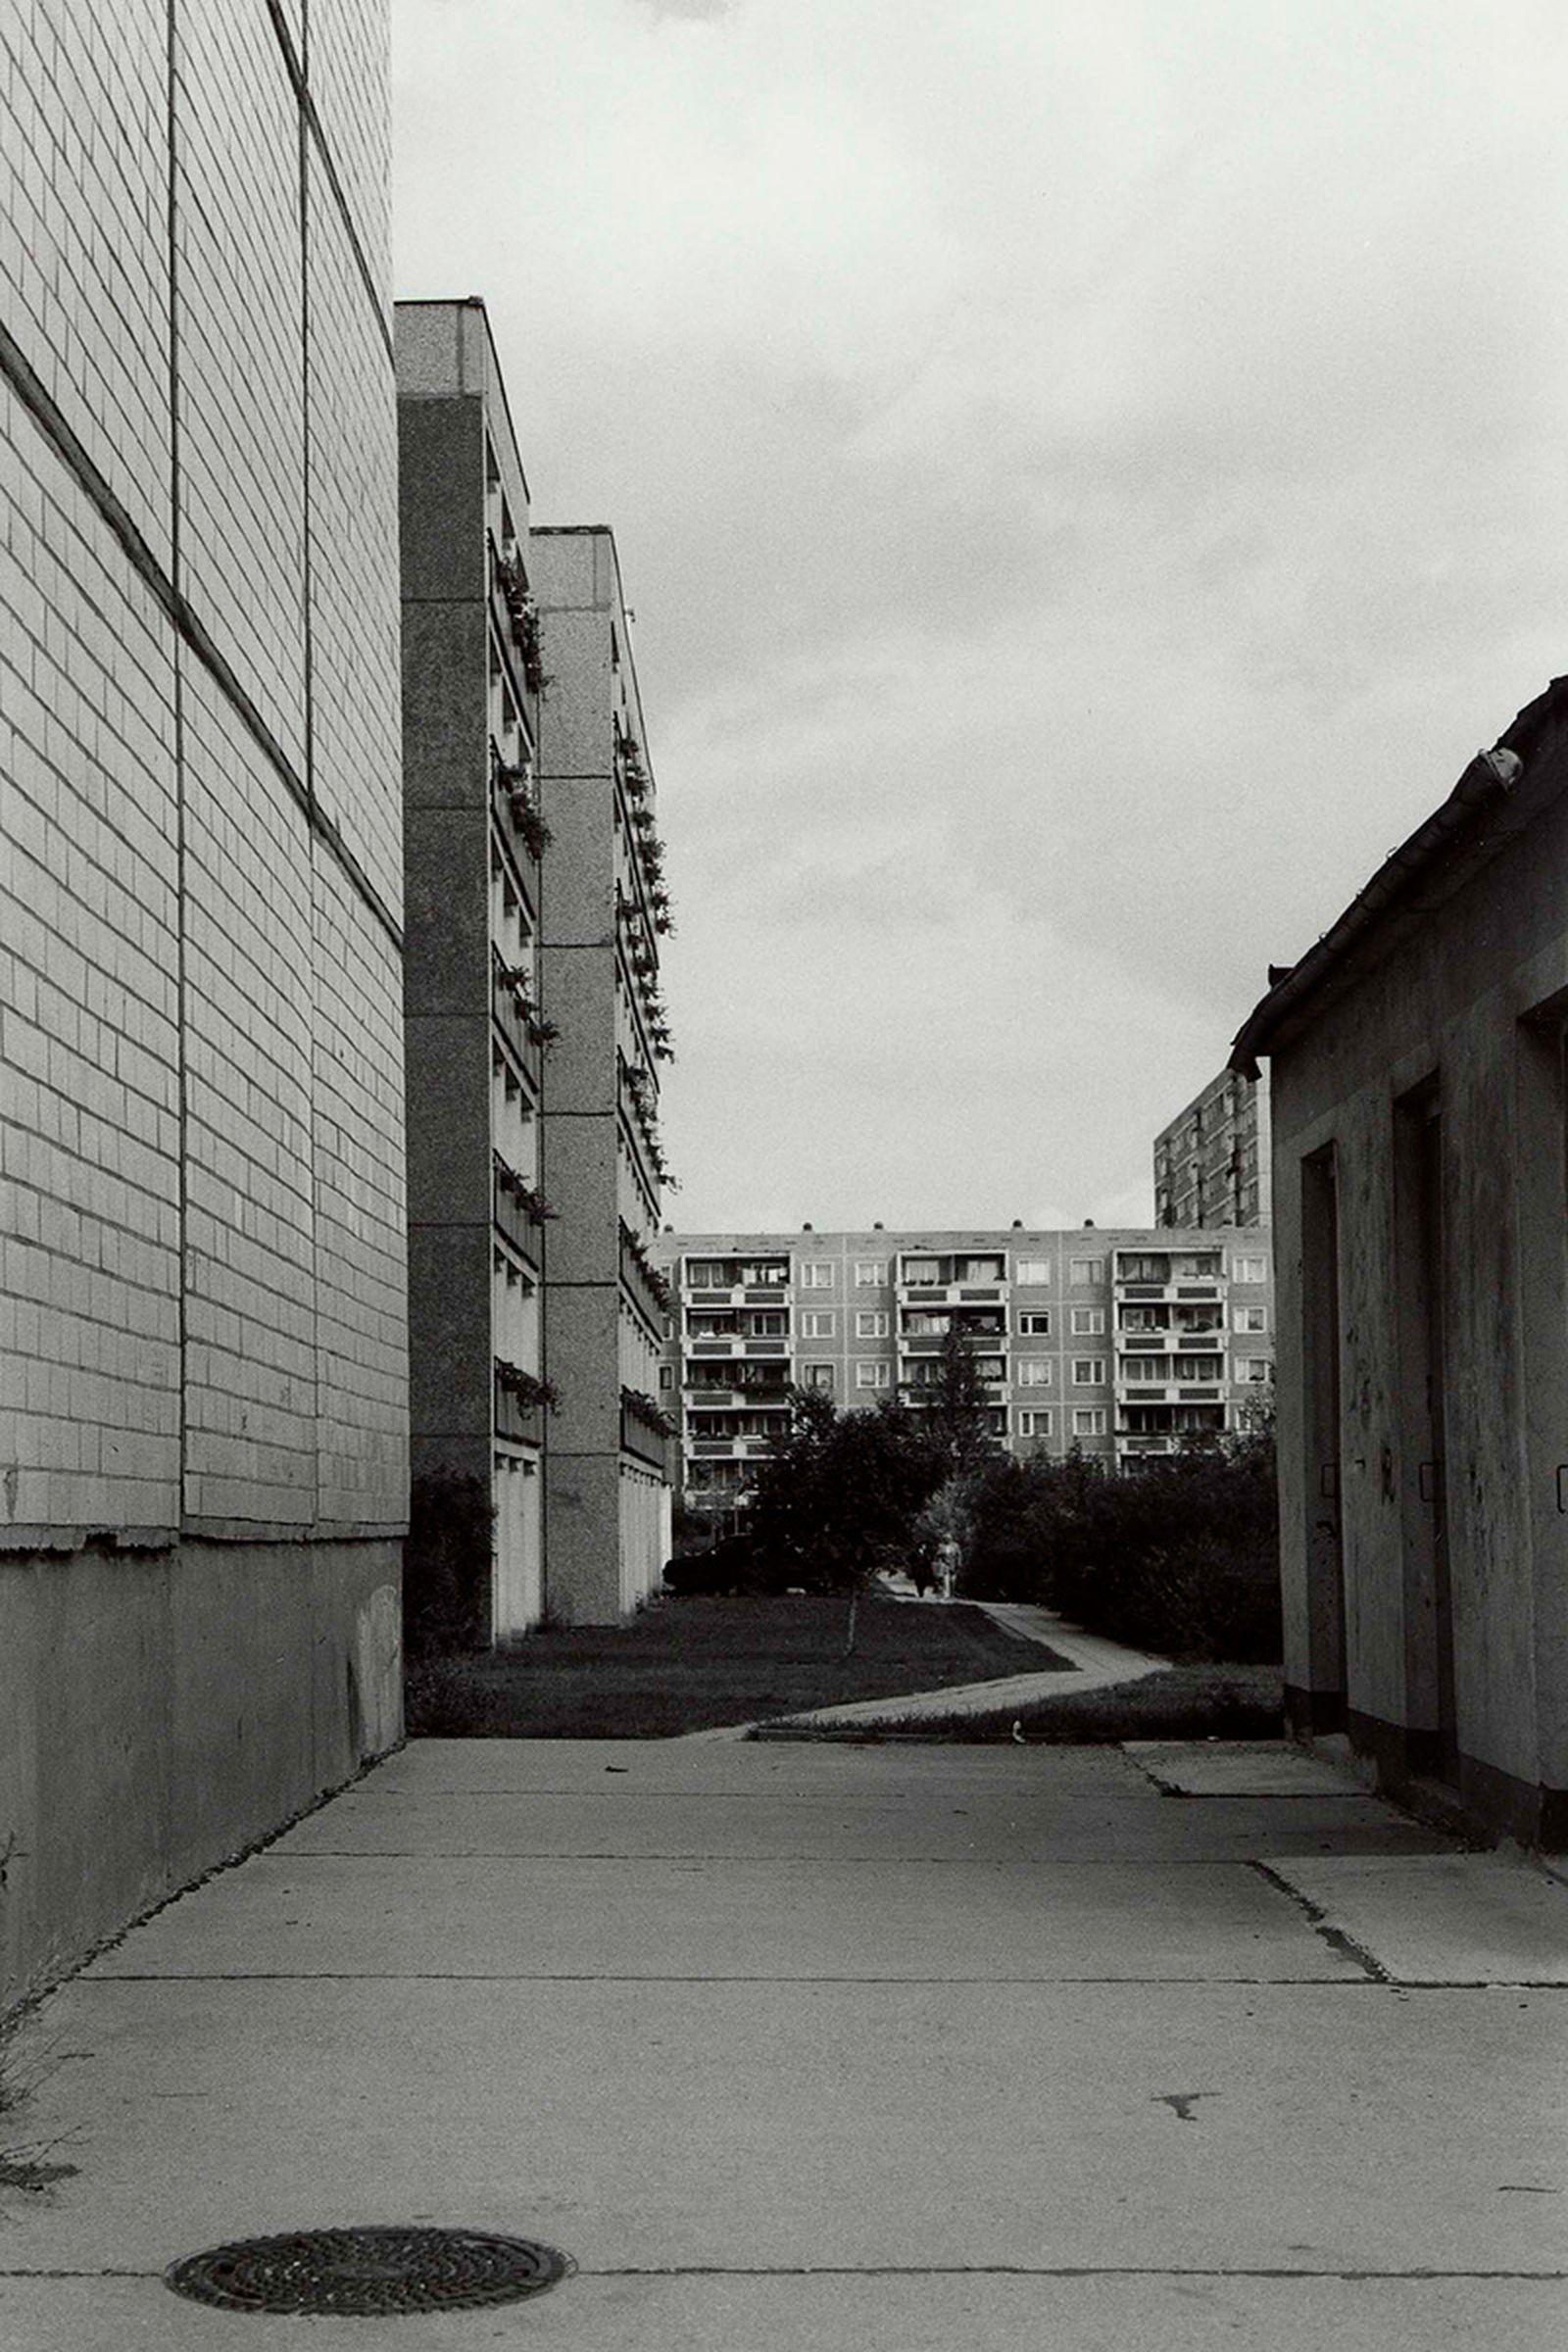 o.T. aus EIN-HEIT / U-NI-TY, 1991-94